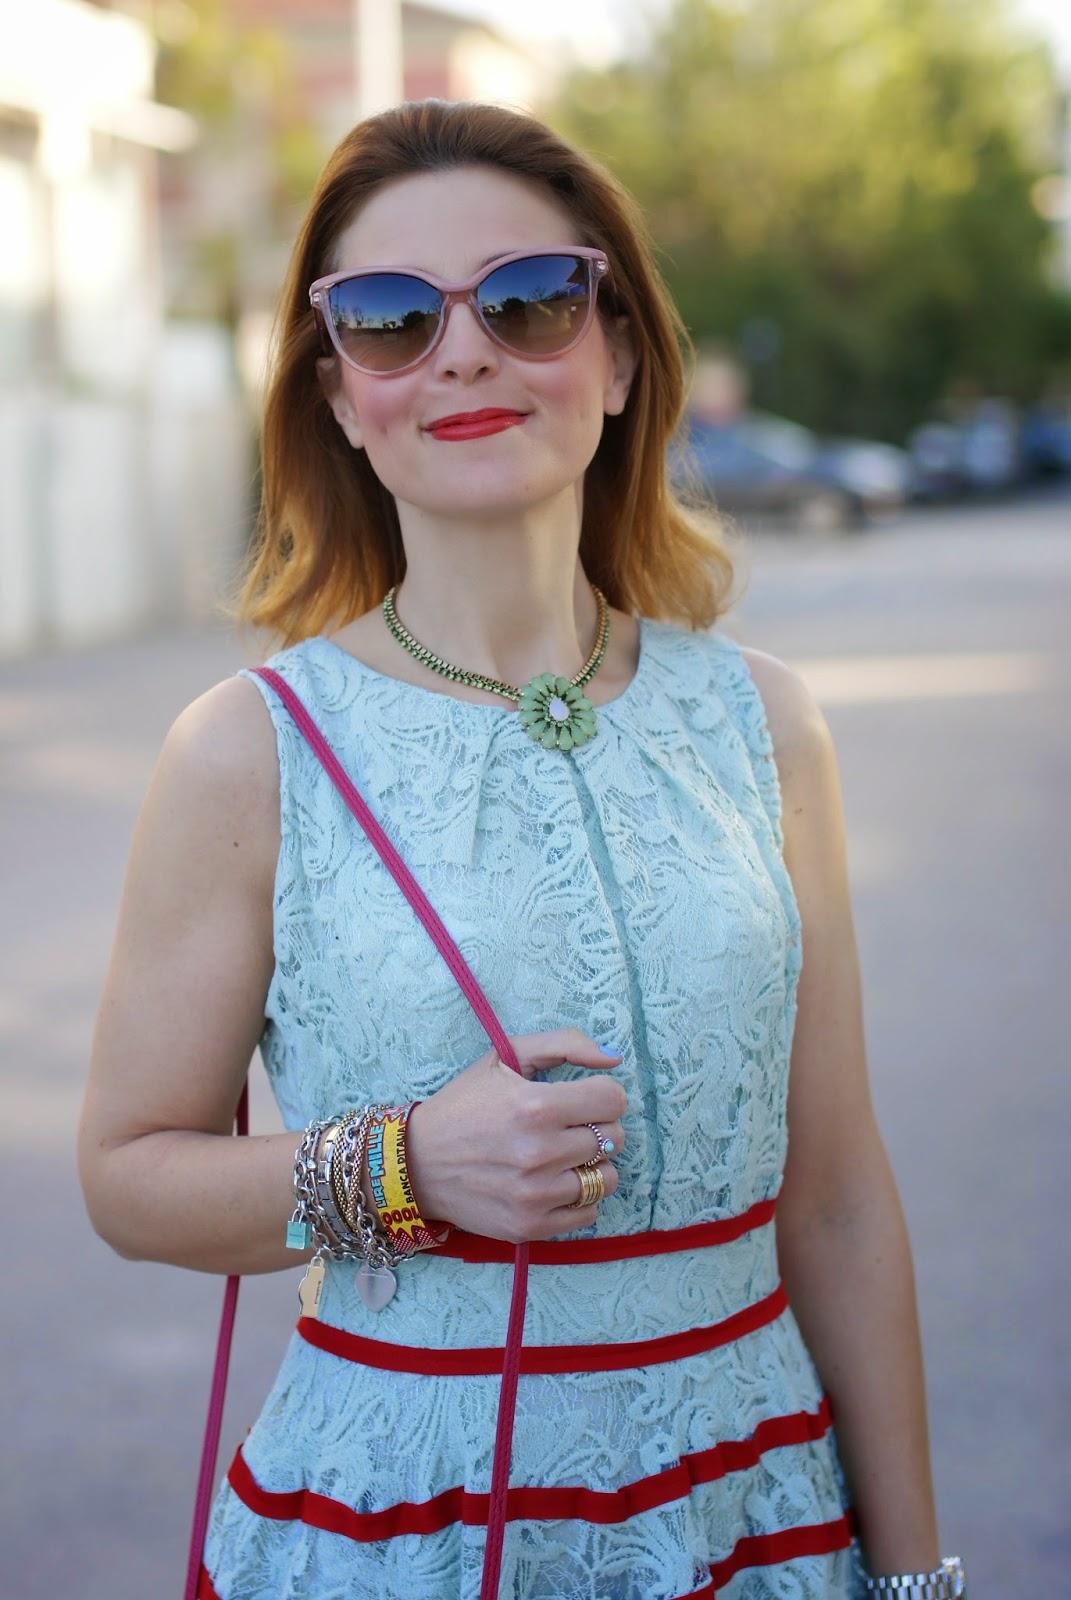 mint chicwish lace dress, Stella McCartney cat eye sunglasses, Sodini necklace, Fashion and cookies, fashion blogger